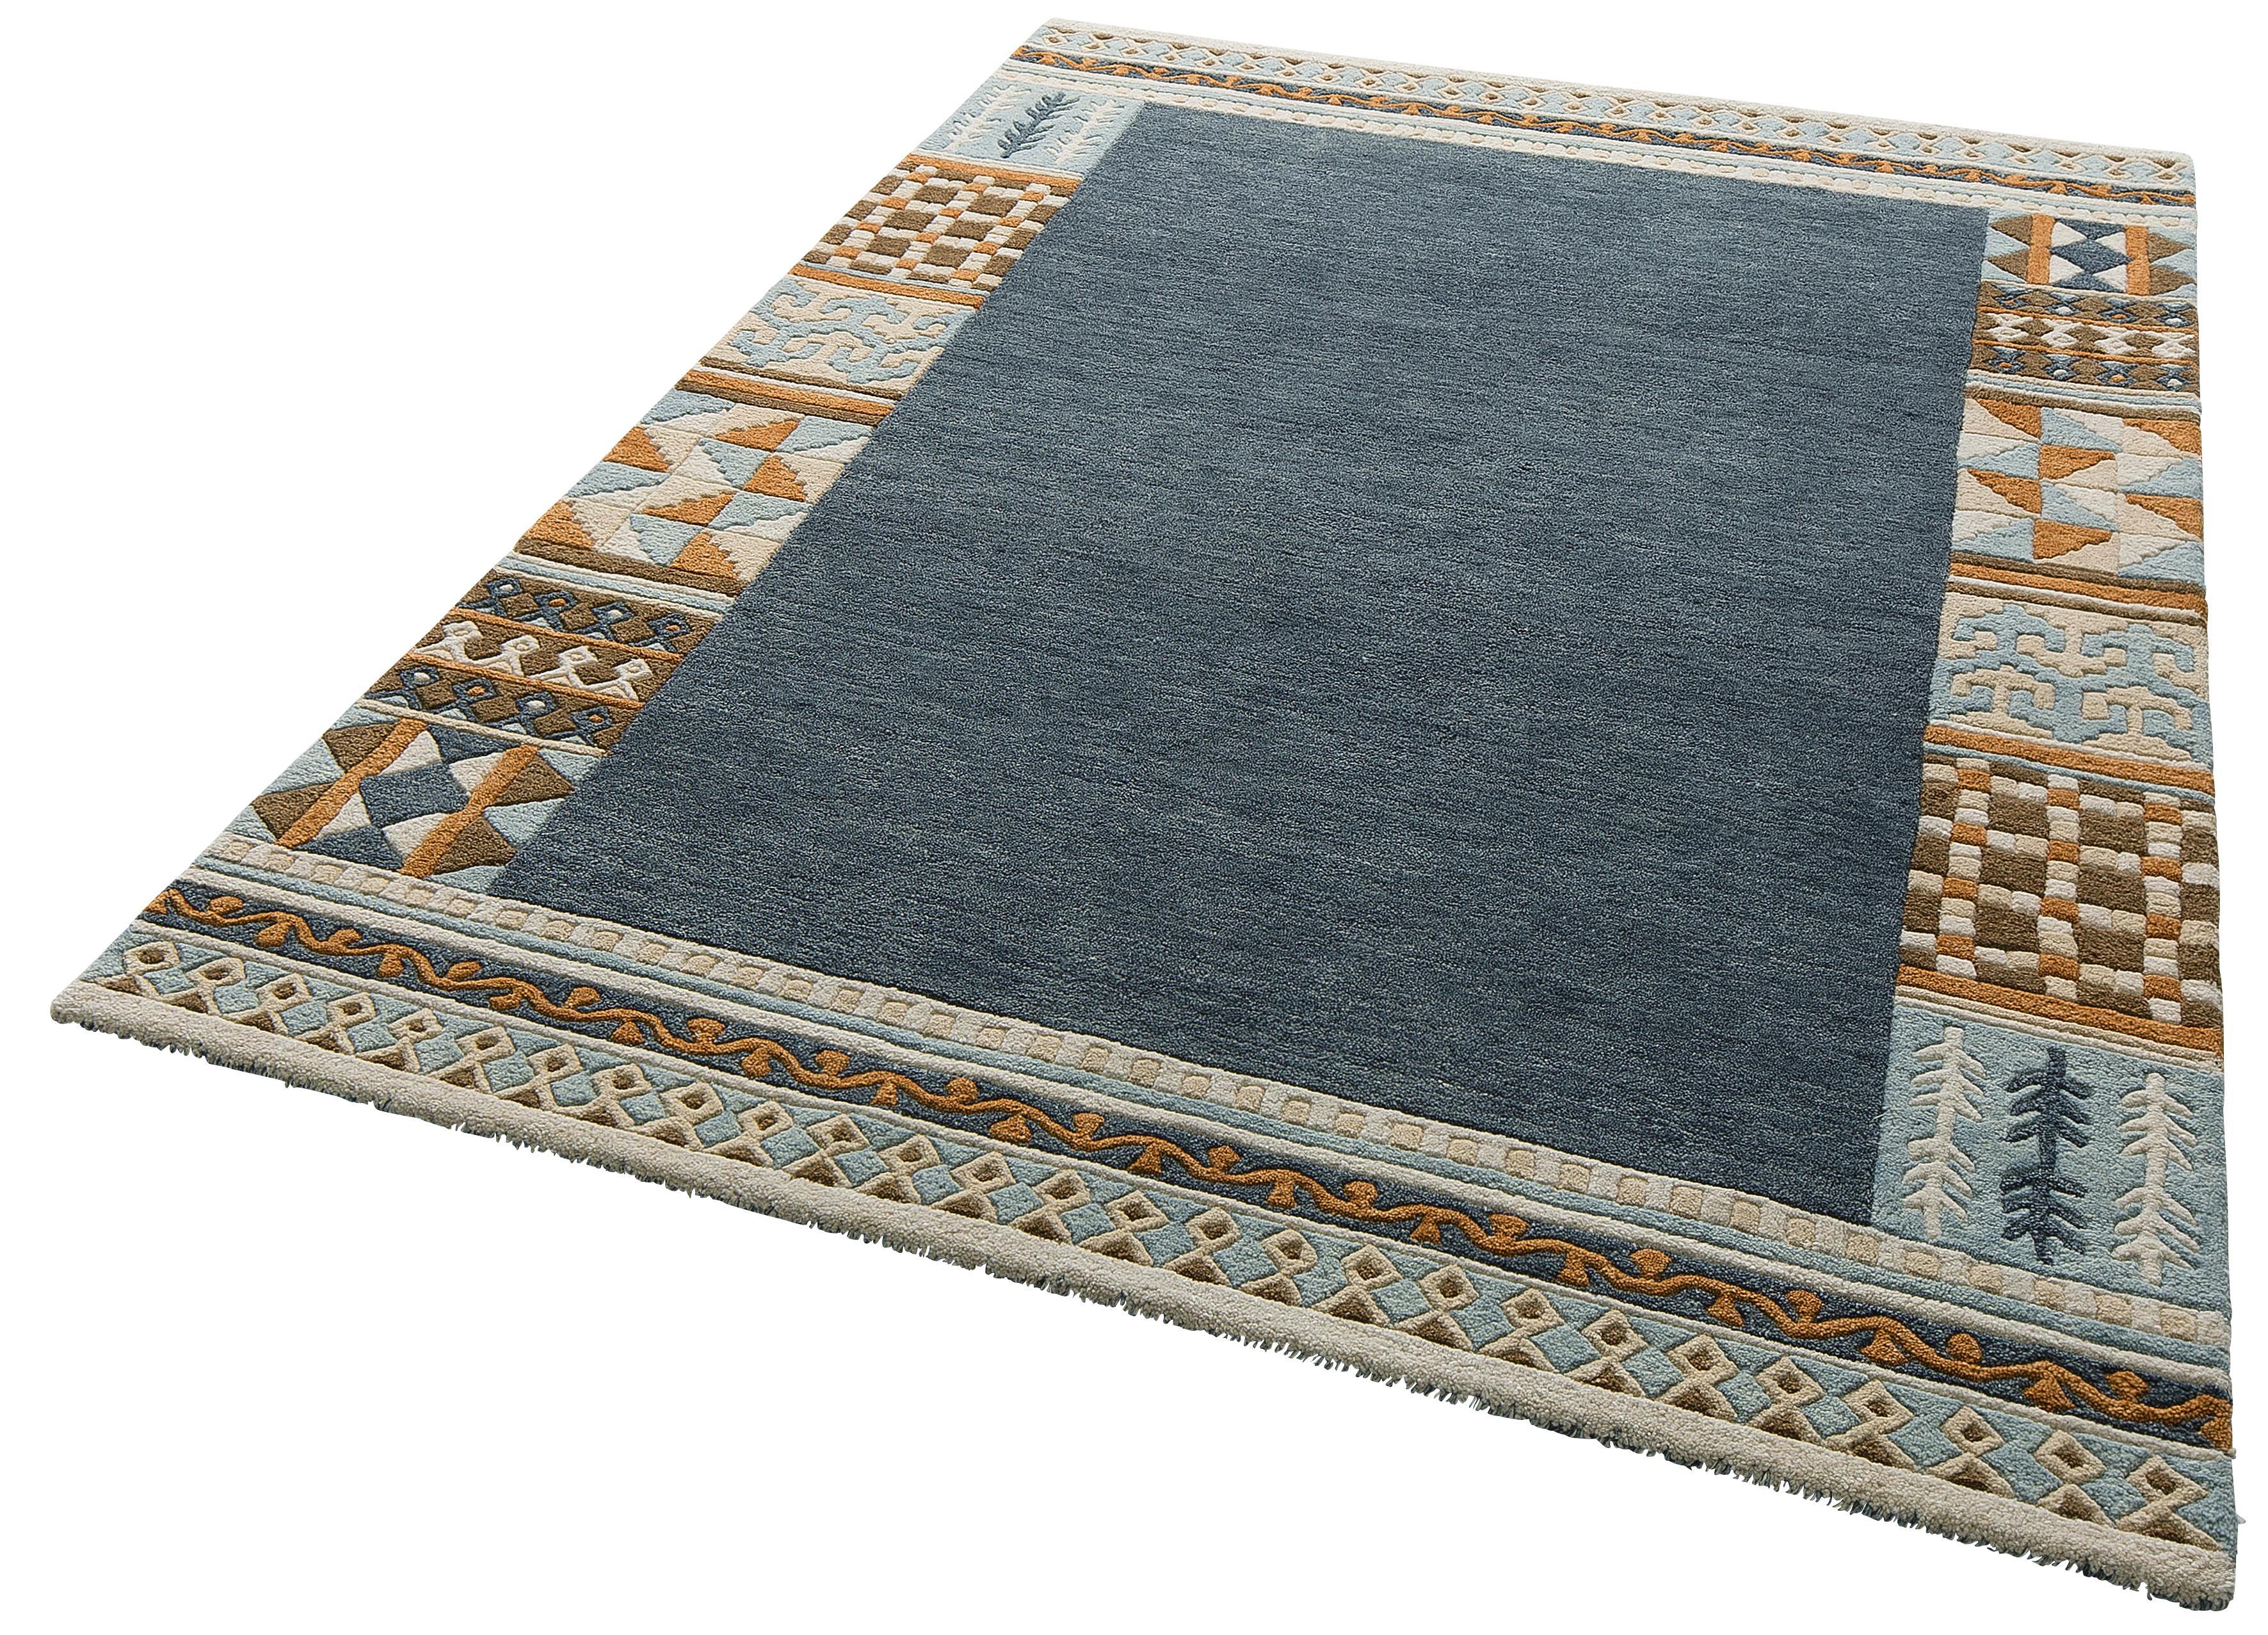 Teppich Nuno Theko Exklusiv rechteckig Höhe 14 mm handgetuftet